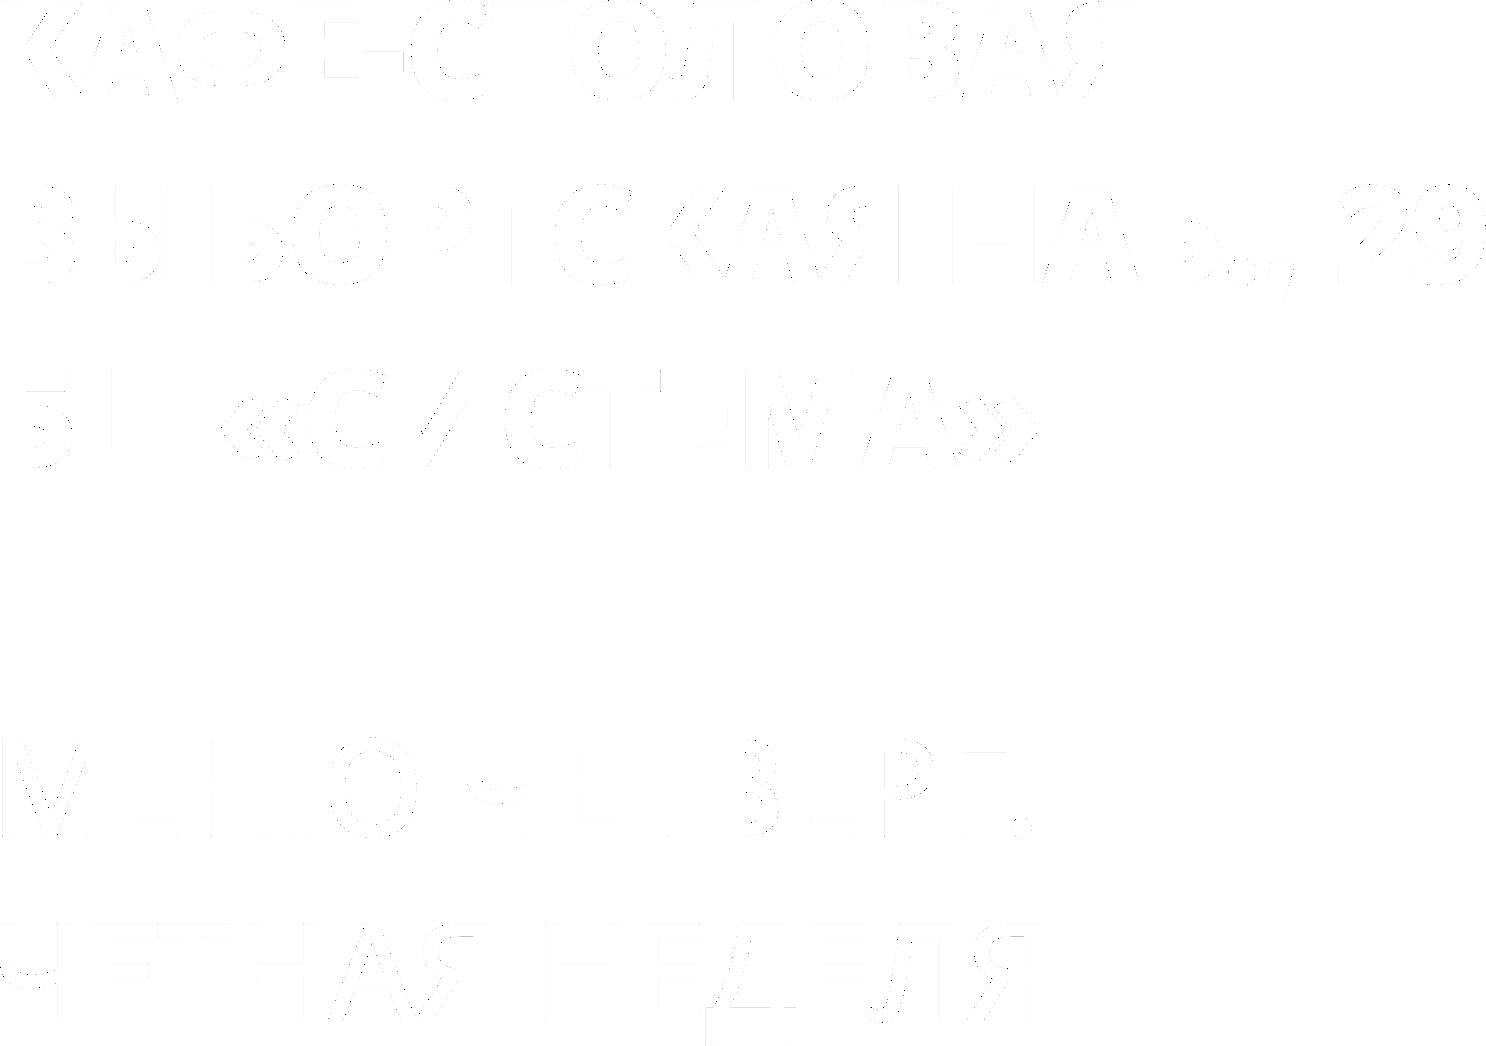 """КАФЕ-СТОЛОВАЯ БЦ """"СИСТЕМА"""" Выборгская наб., 29 МЕНЮ ЧЕТВЕРГ. ЧЕТНАЯ НЕДЕЛЯ"""